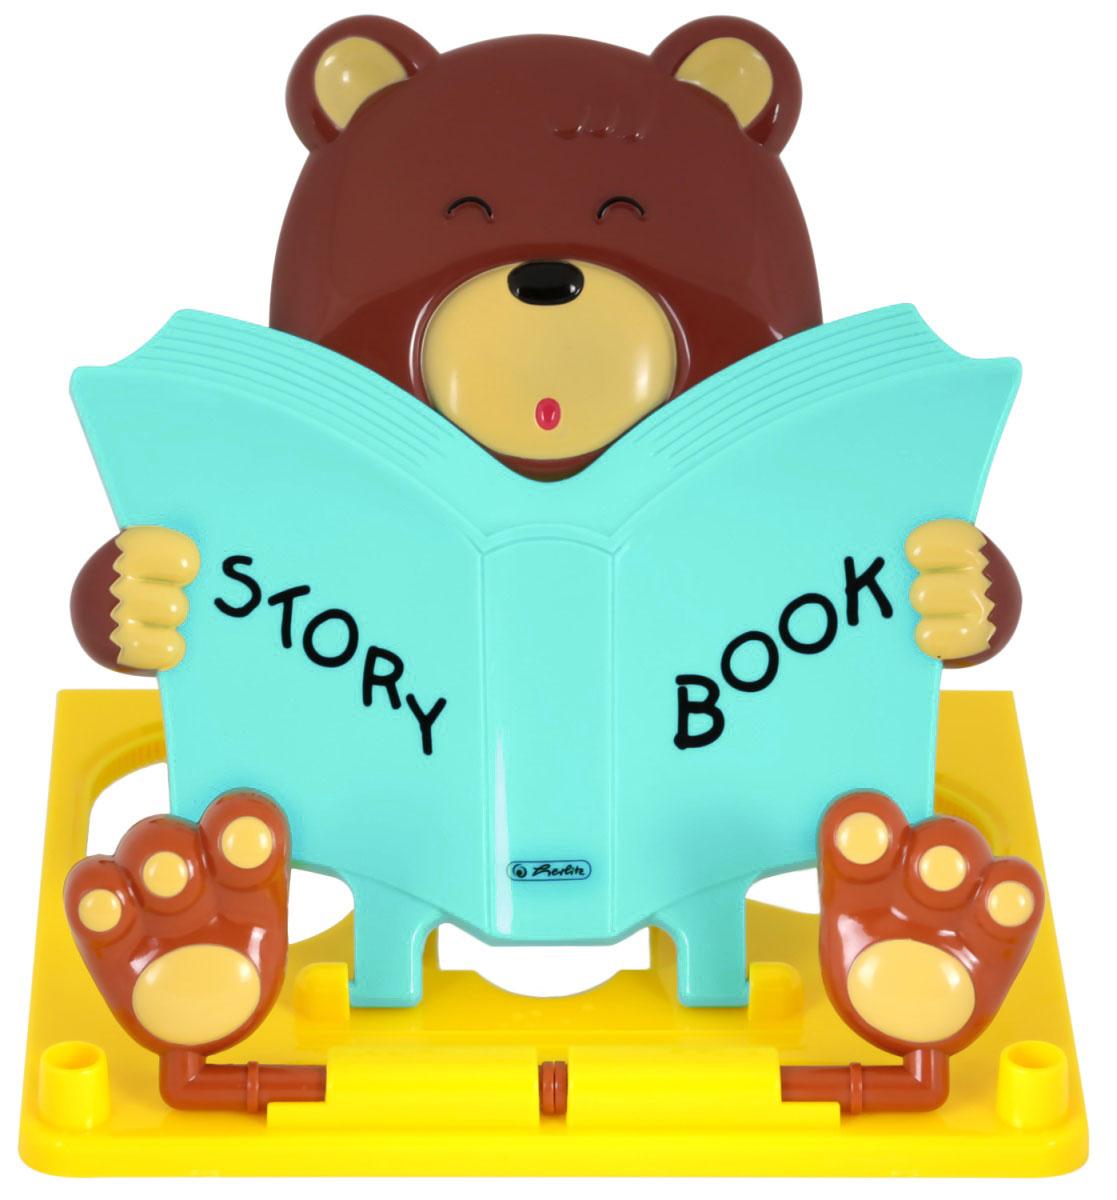 Во время чтения и работы с книгой важно сохранять правильное расстояние от глаз до листа. Иначе это грозит заболеваниями, связанными с нарушениями ритма дыхания и циркуляции крови.Фигурная подставка Herlitz, выполненная в виде читающего медвежонка, поможет вам избежать этих проблем. Специальные регулируемые по ширине вставки-лапки препятствуют скольжению и падению книг и учебников. Подставка выполнена из прочного пластика, а благодаря небольшому размеру, она не займет много места в рюкзаке. На подставке расположена шкала до 16 см.Удобная складывающаяся подставка для книг и учебников удобно зафиксирует книгу на столе и позаботится о зрении ребенка. Подставка станет незаменимым аксессуаром на столе у школьника.